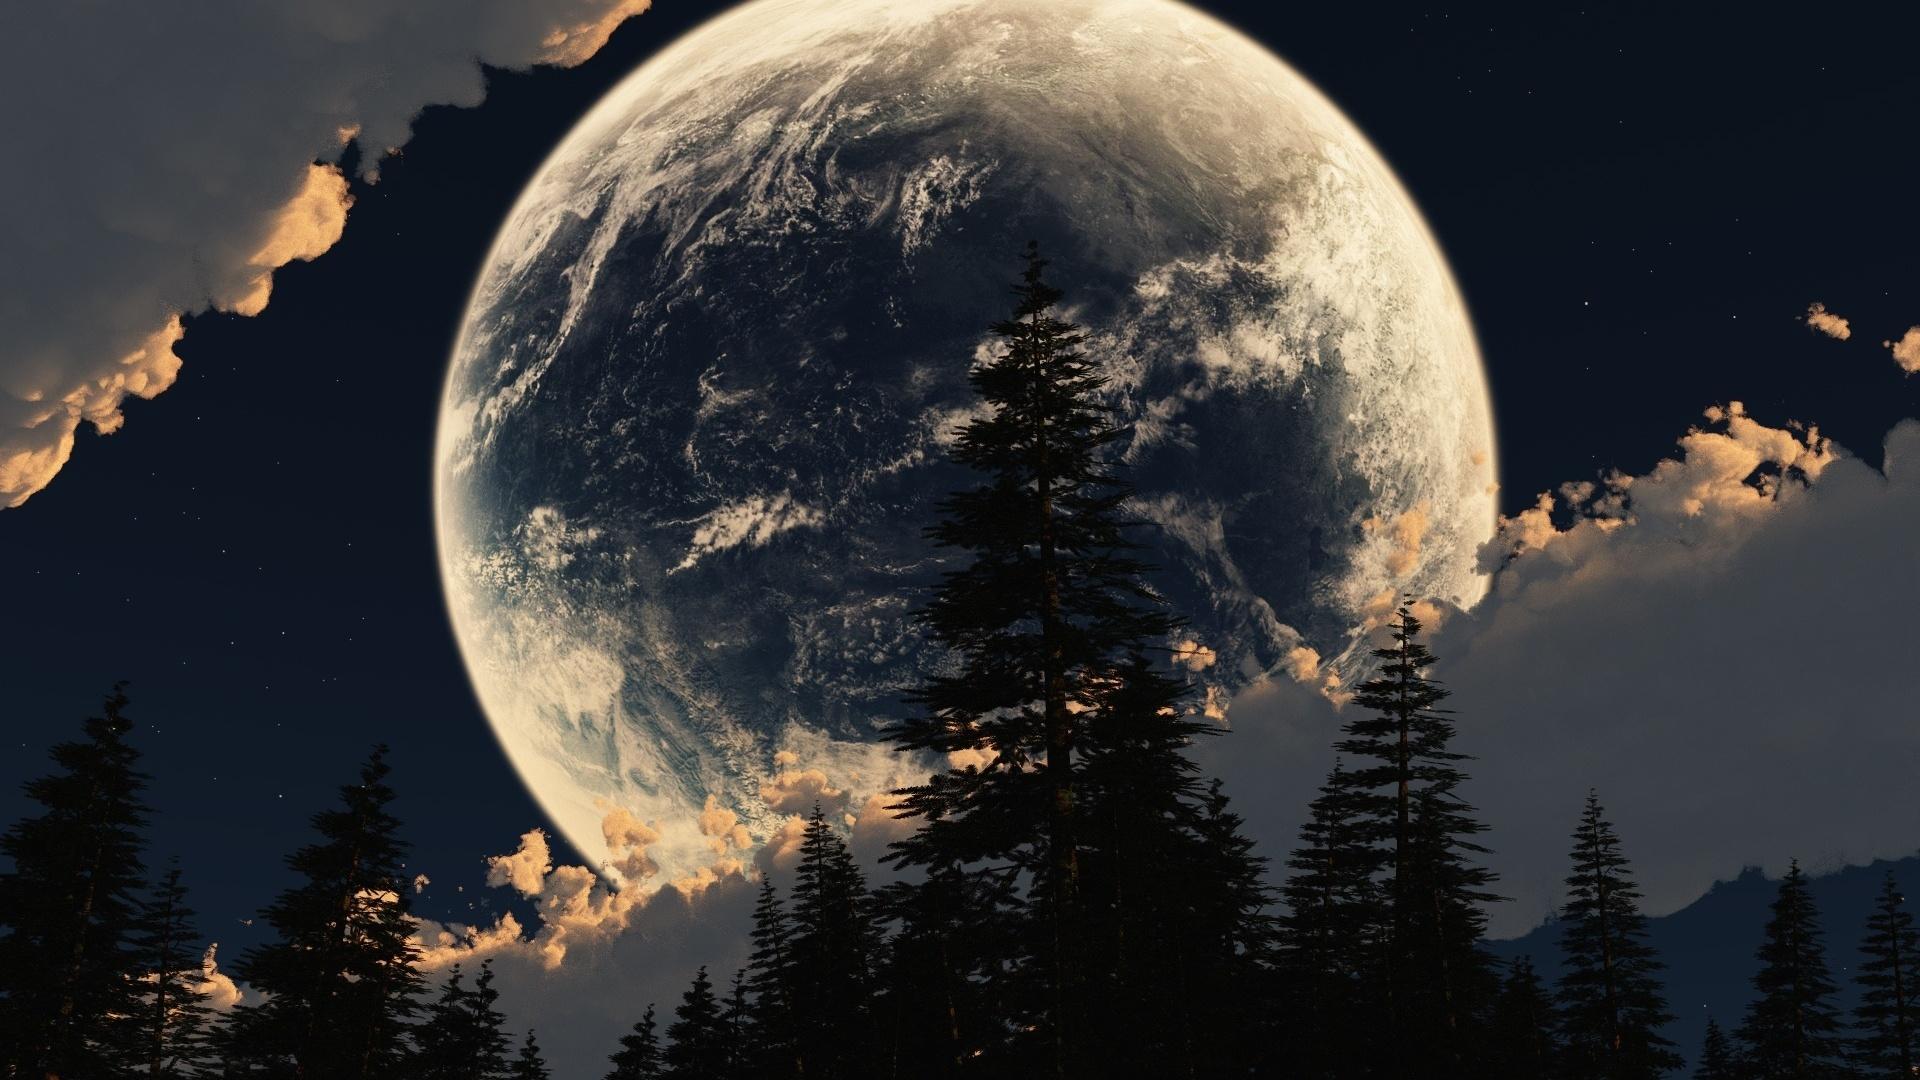 луна, планета, коллаж, небо, Земля, облака, звезды